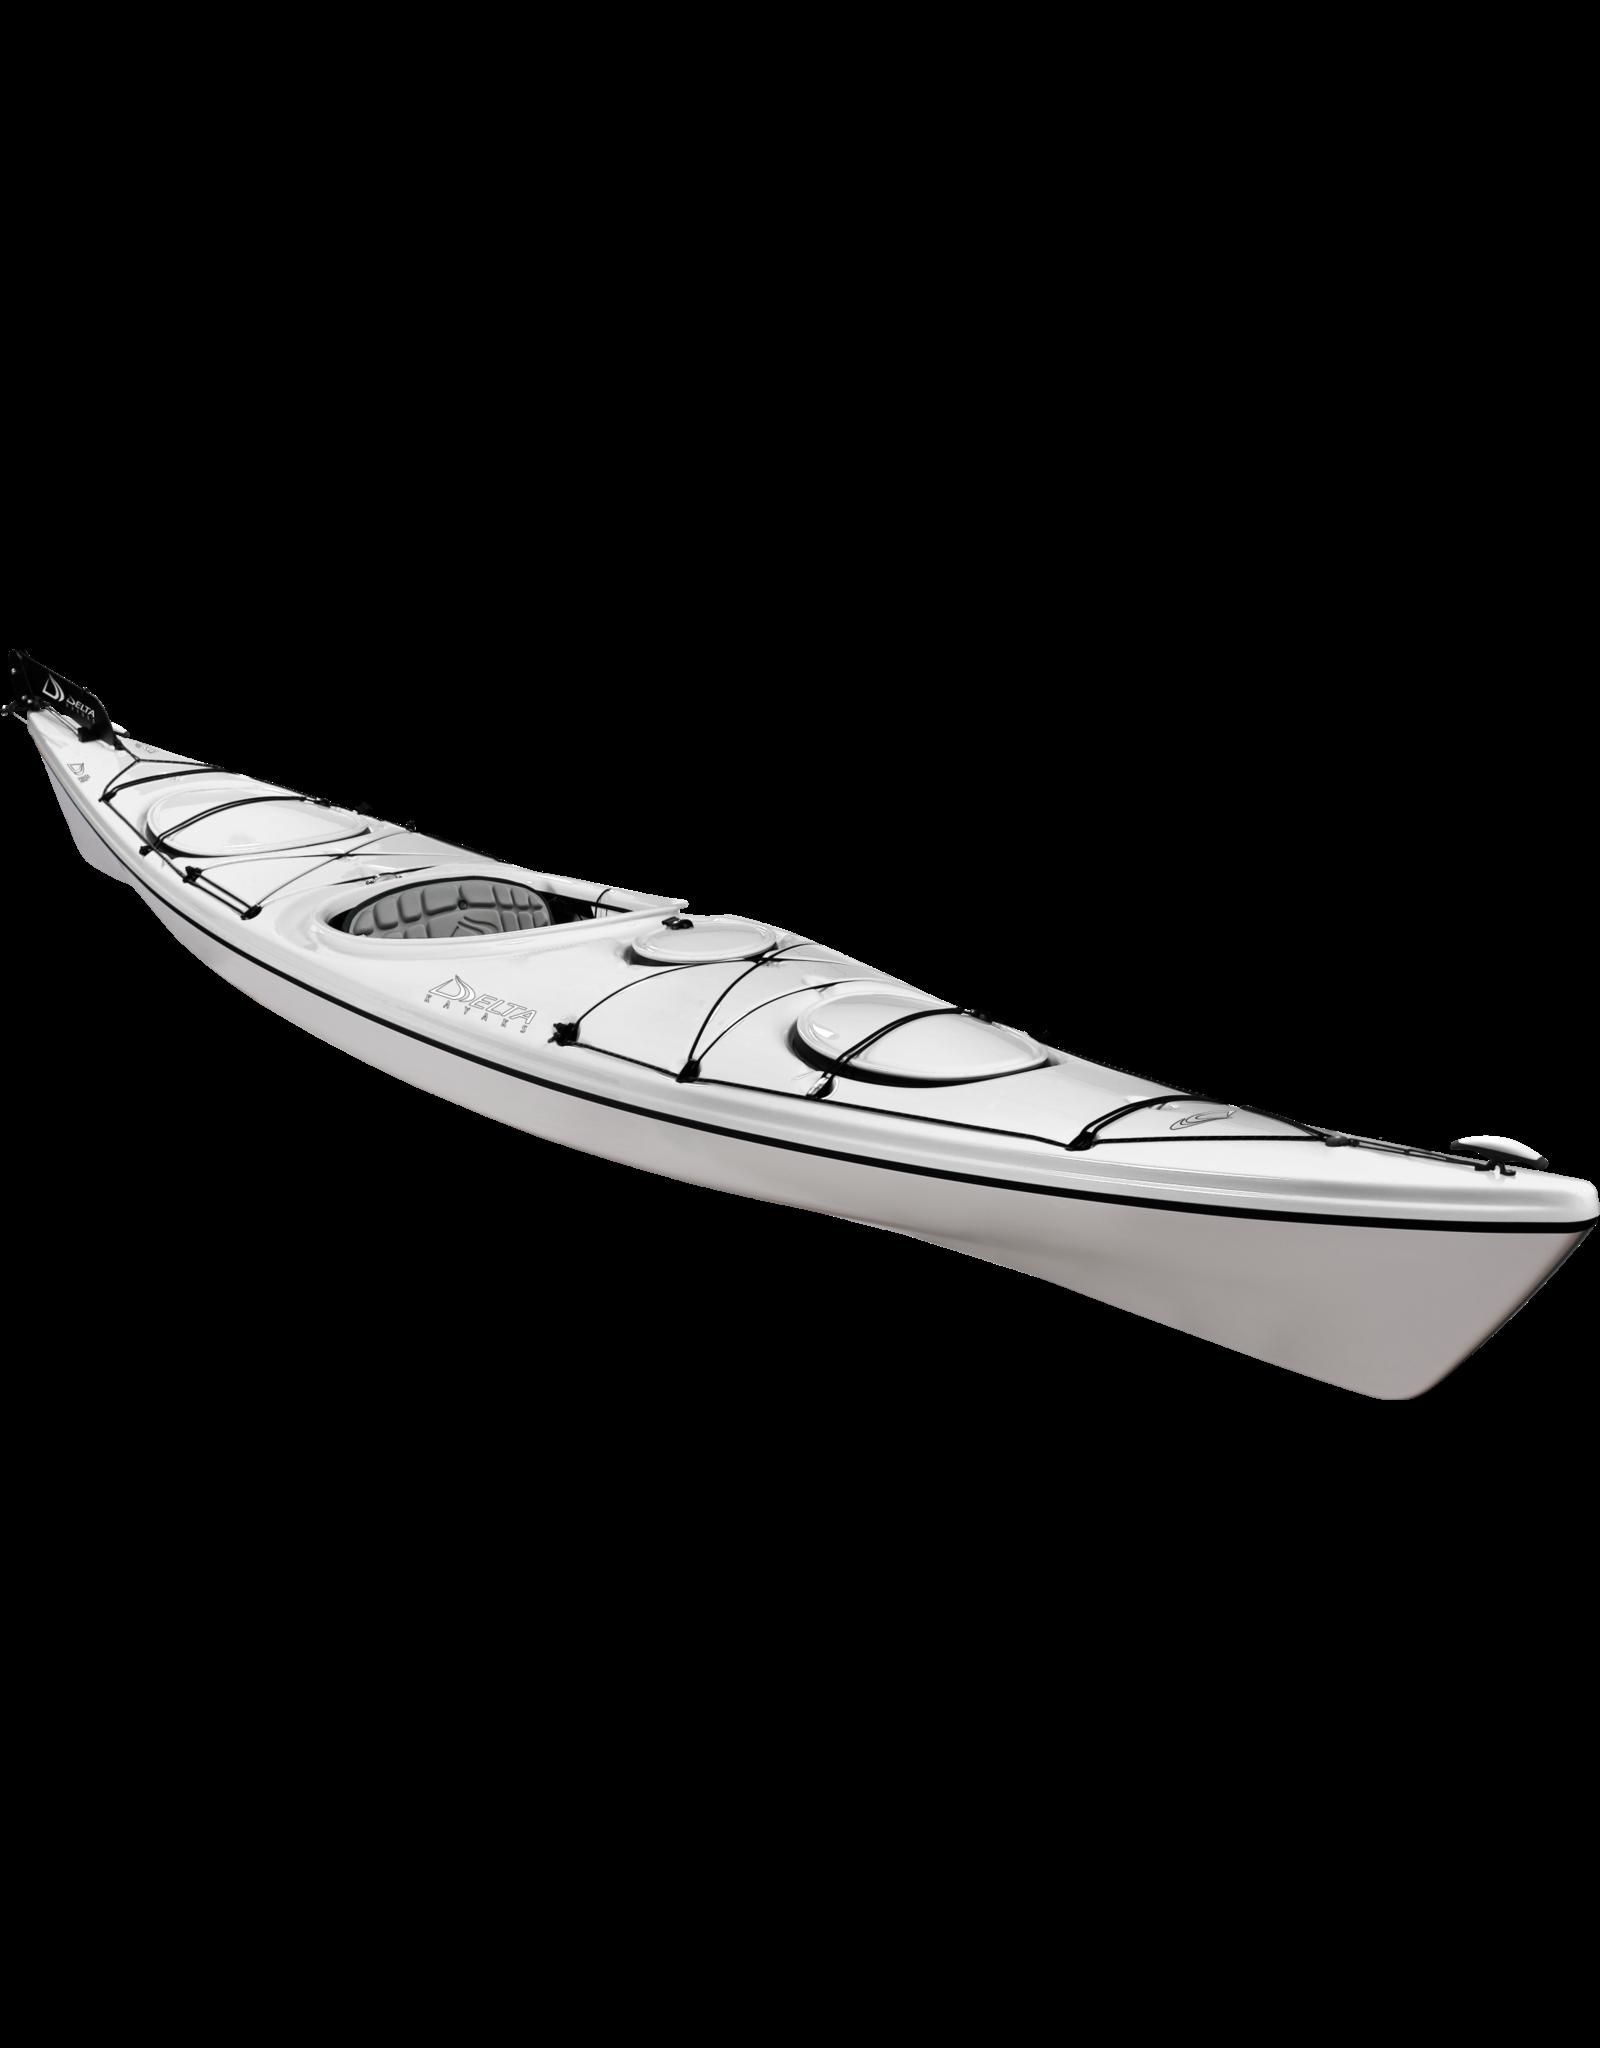 Delta Delta kayak 15S with skeg